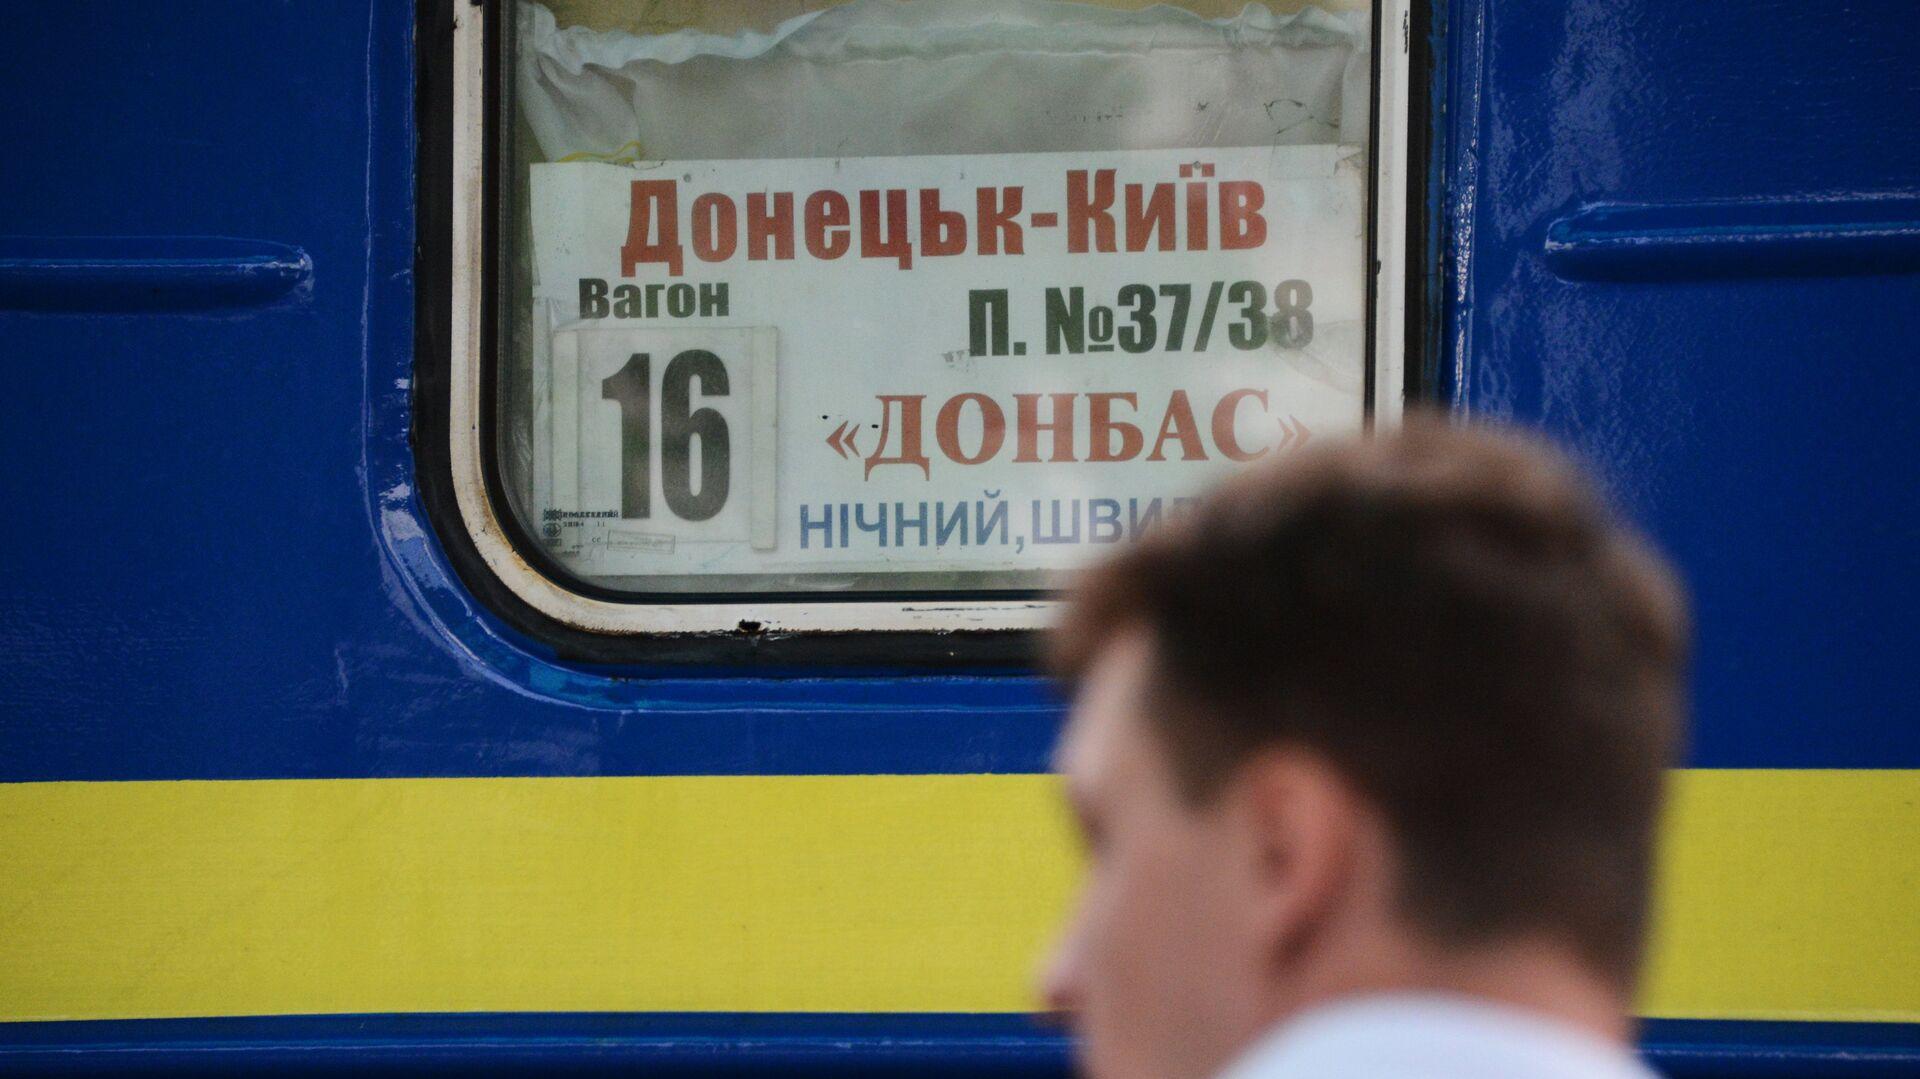 Поезд, следующий по маршруту Донецк - Киев - РИА Новости, 1920, 21.09.2021